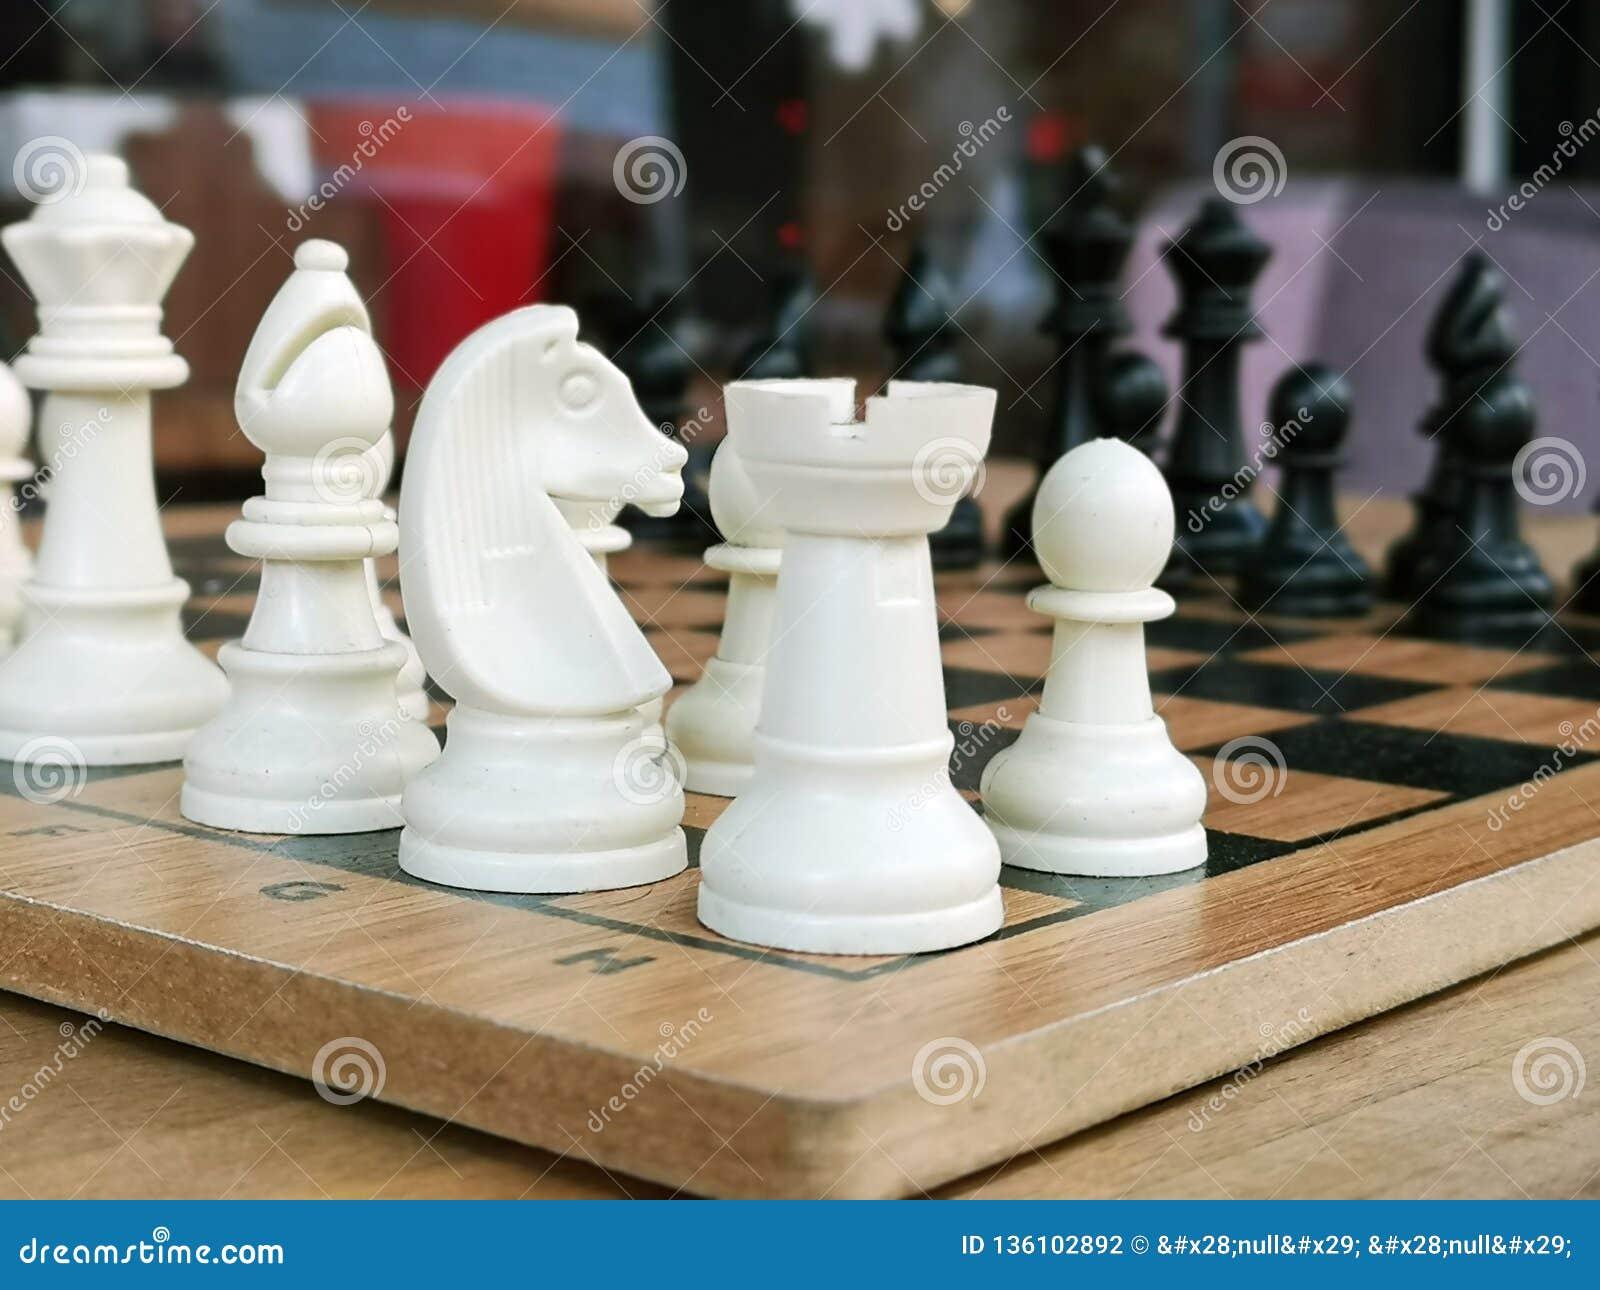 Шахматы популярная старая антагонистическая игра логики доски с особенными черно-белыми частями, на доске клетки для 2 умного